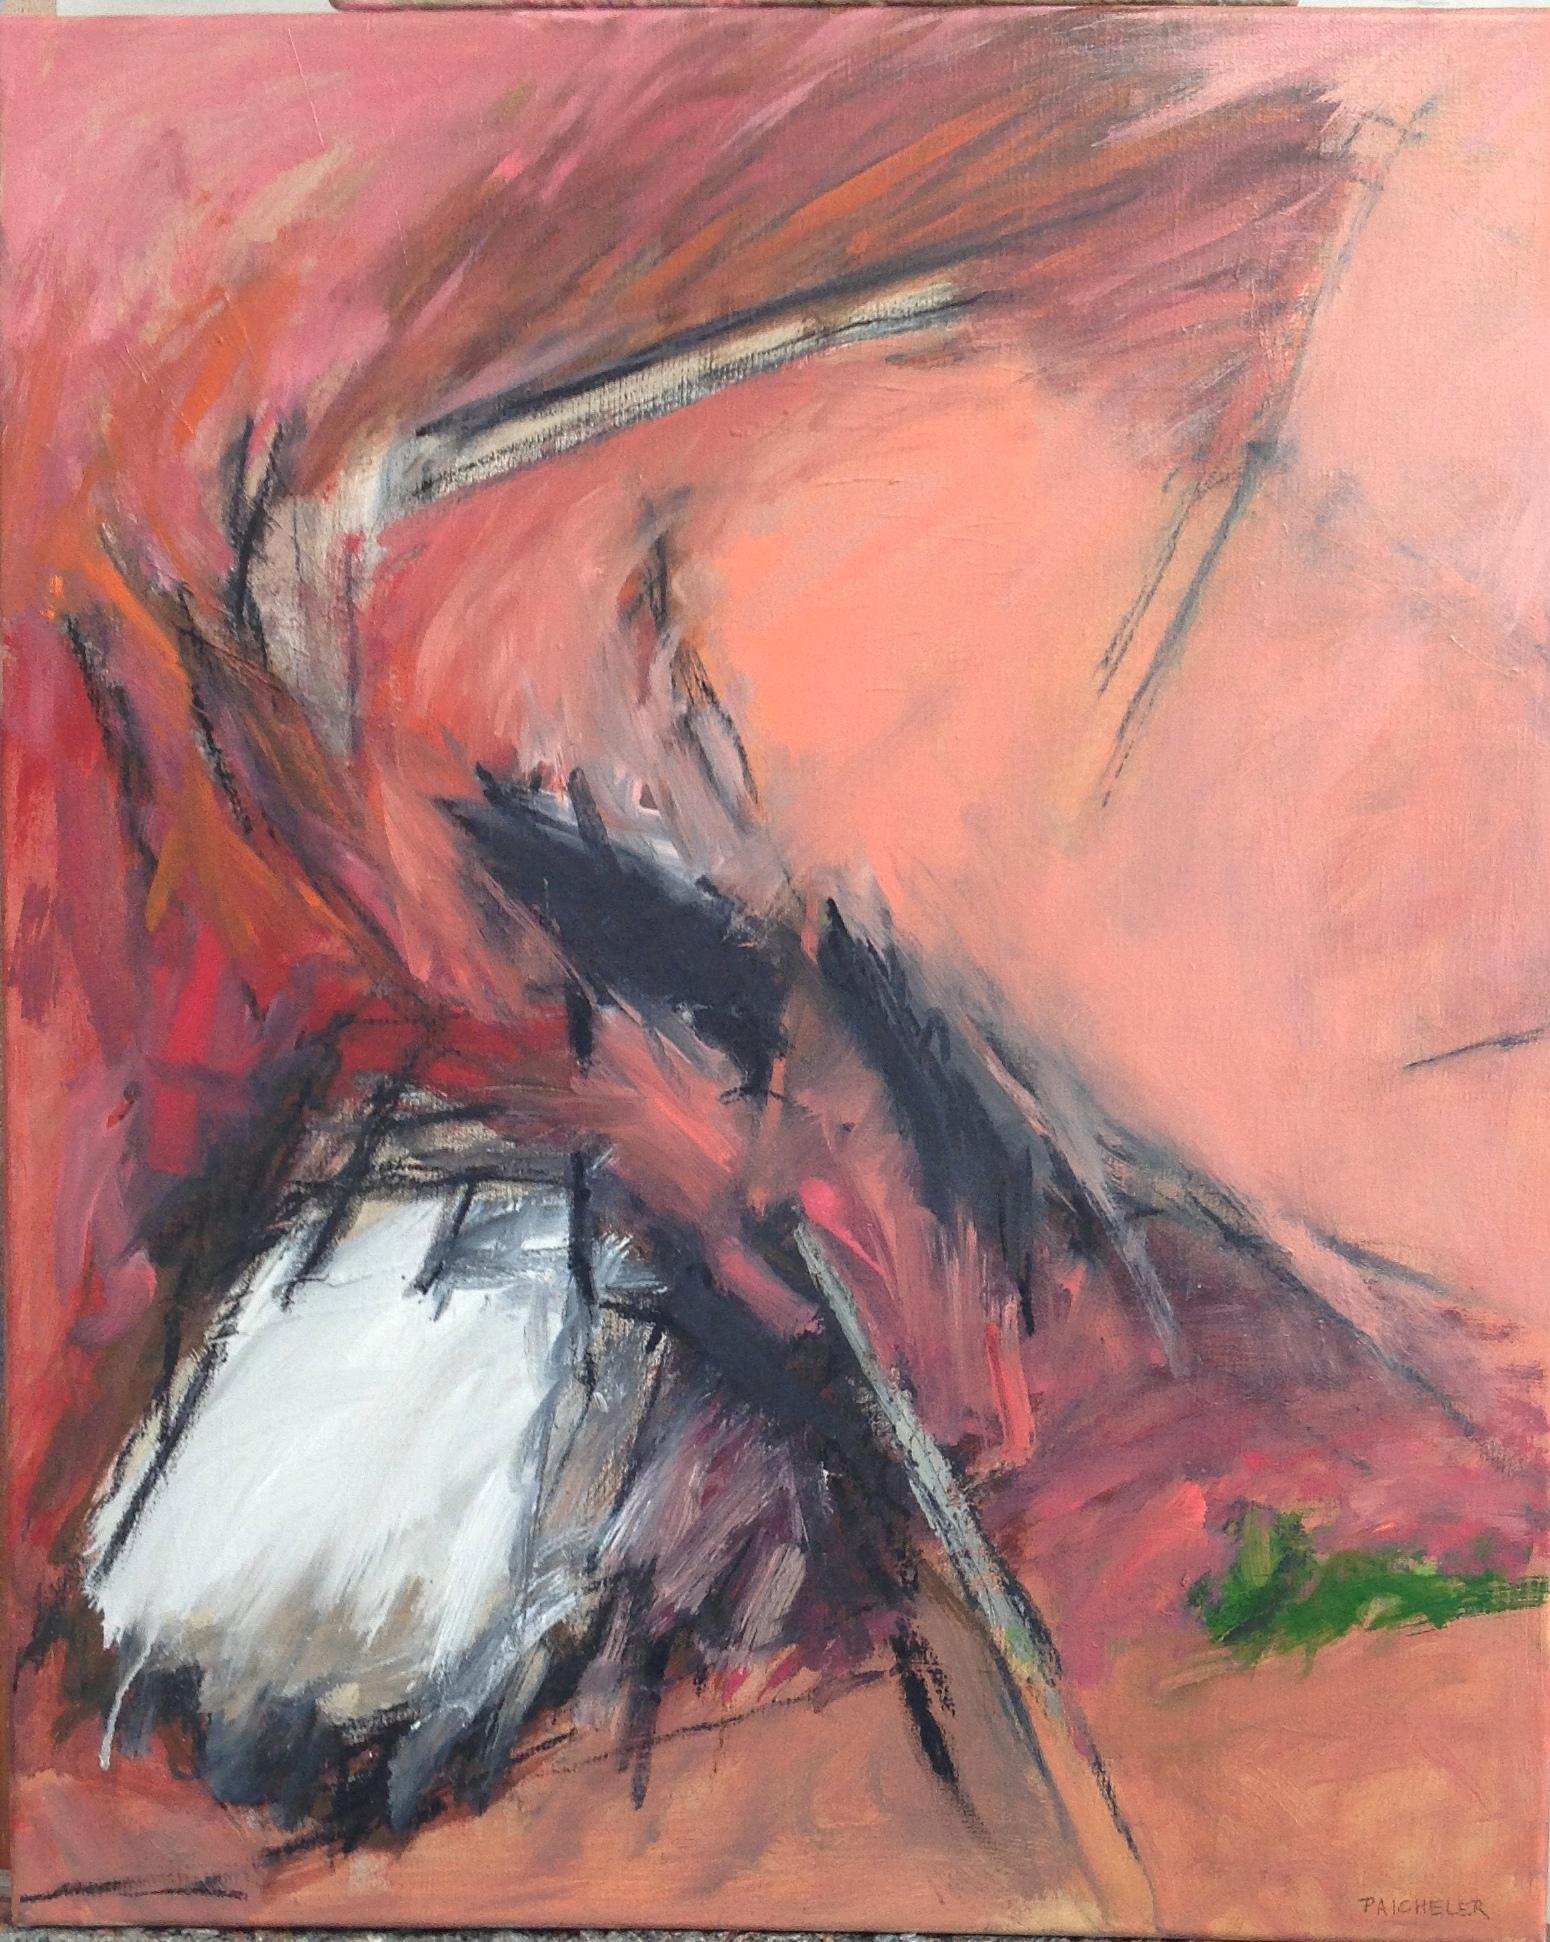 61 x 50 cm, huile sur toile